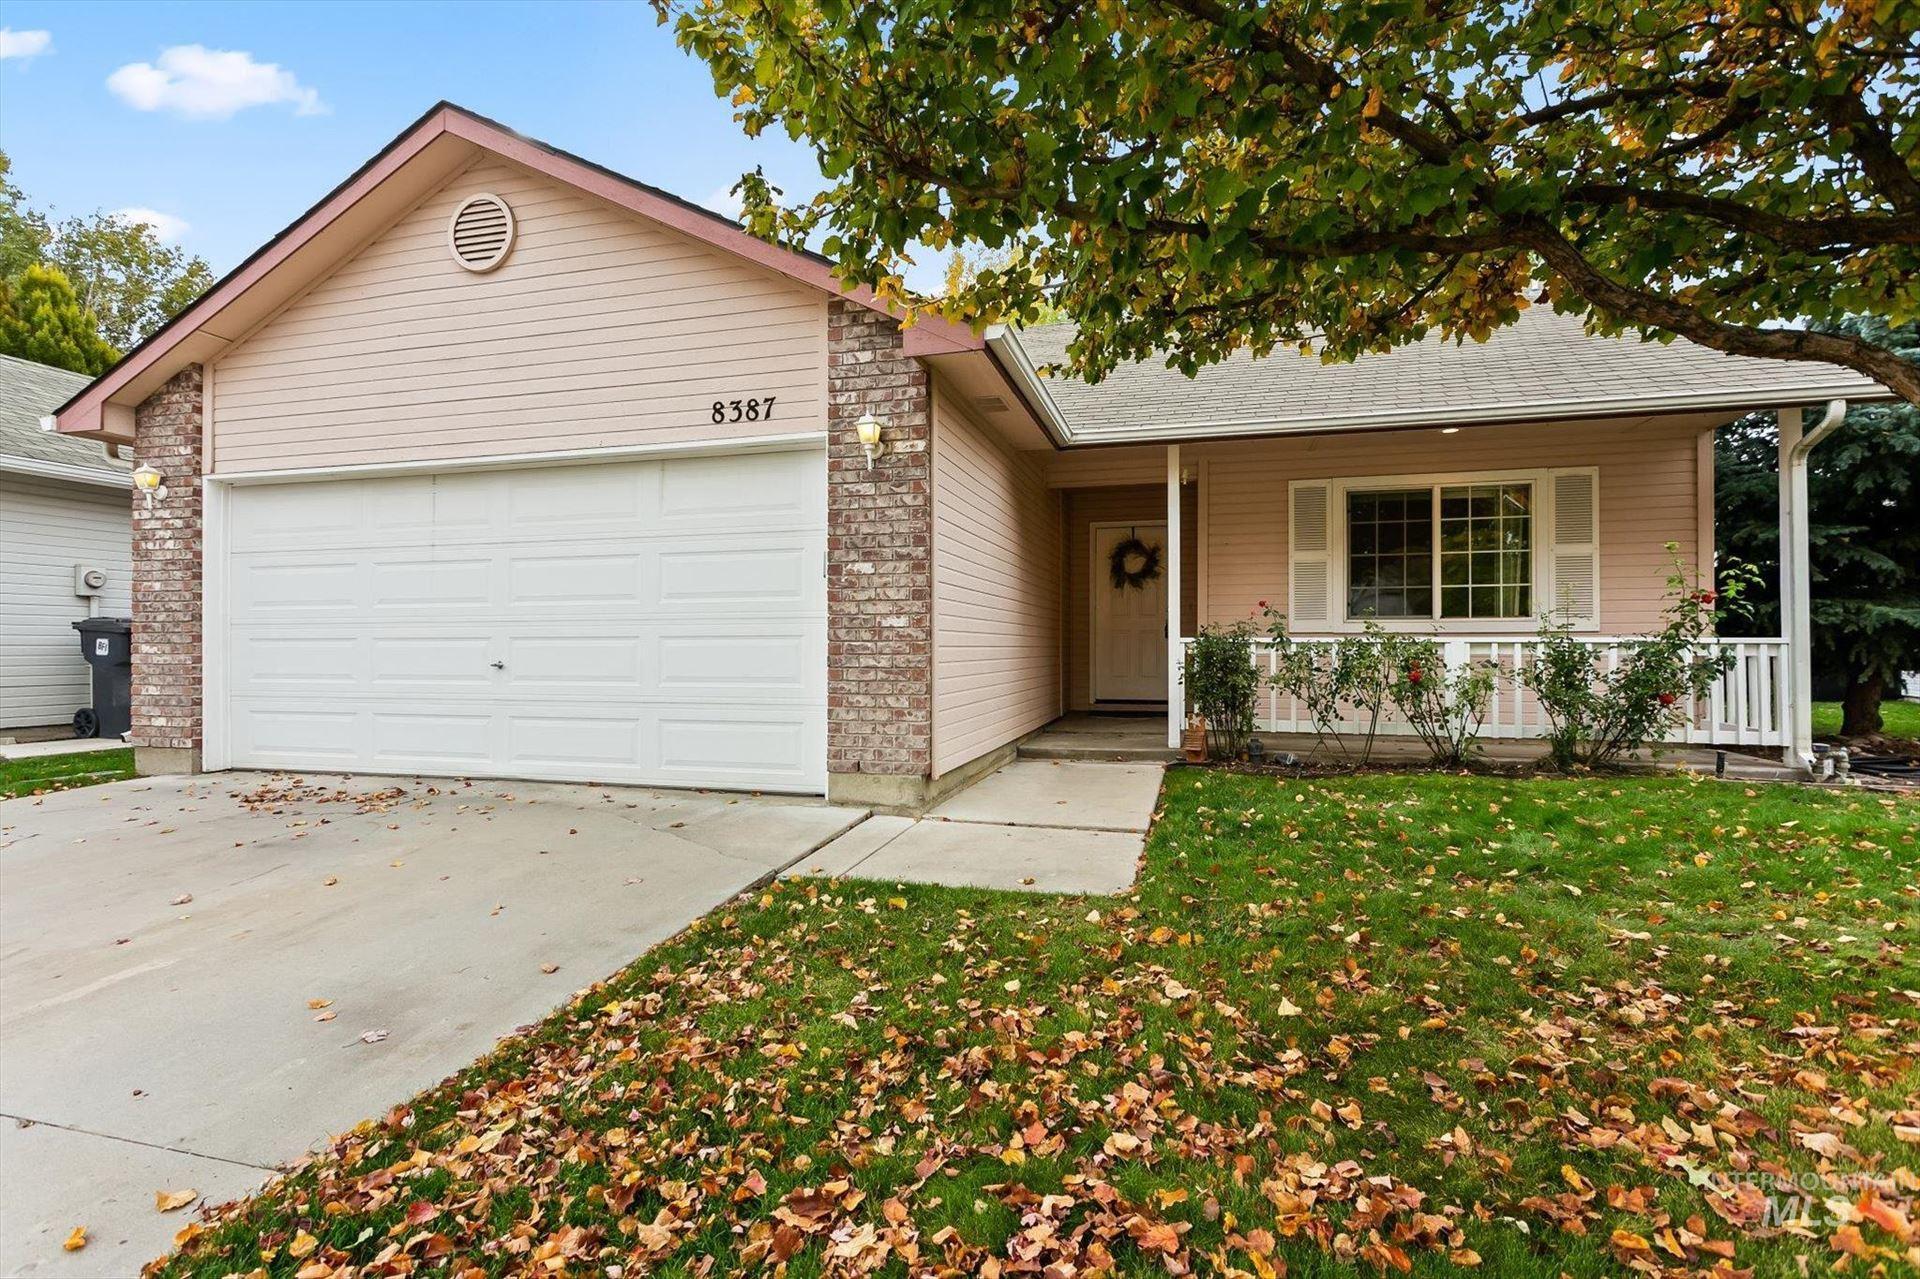 8387 W Pamela, Boise, ID 83714 - MLS#: 98822799